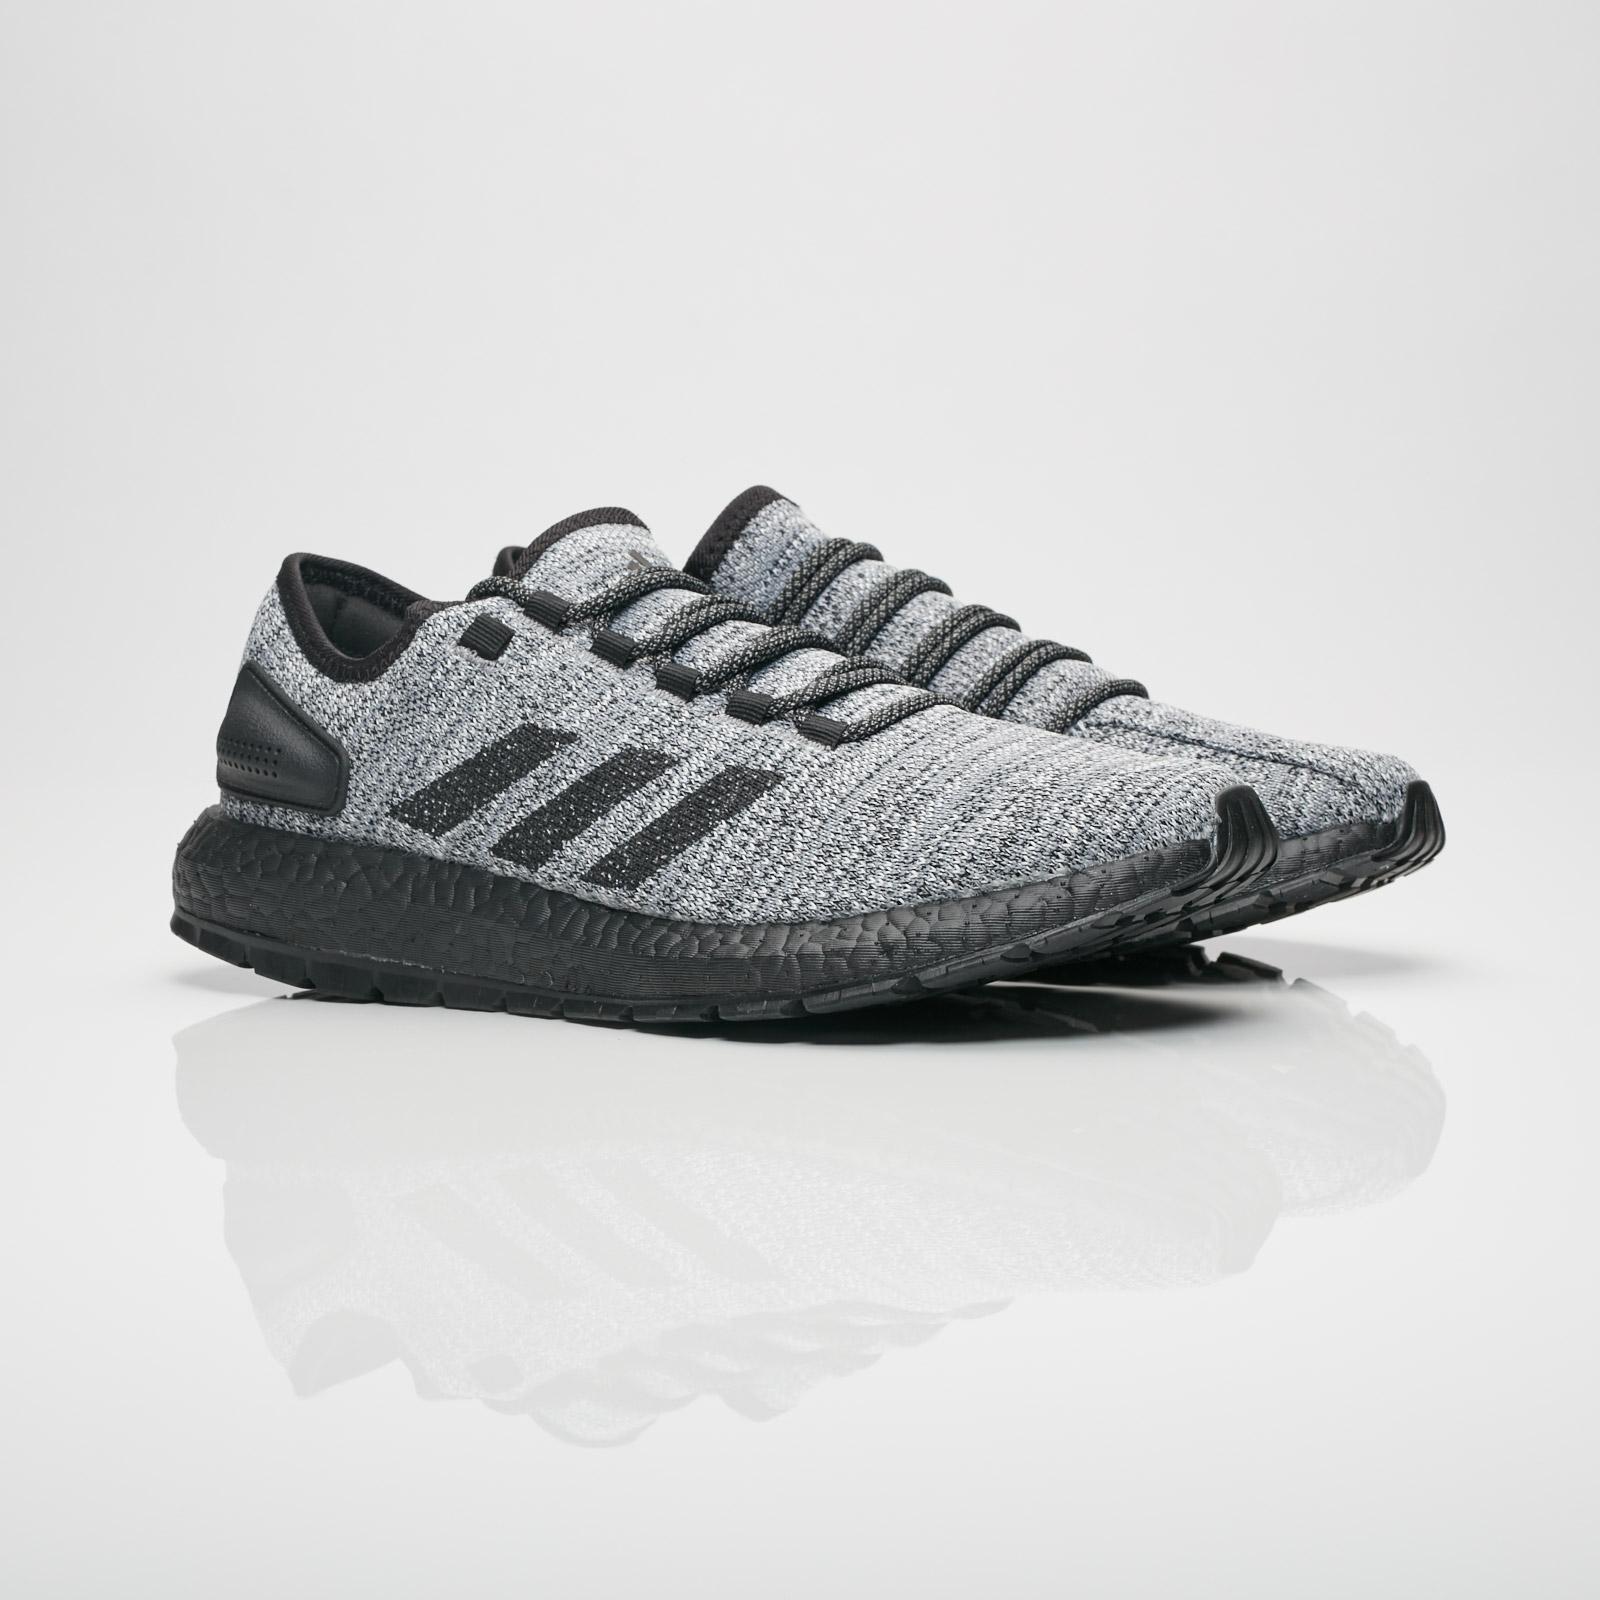 adidas Pure Boost All Terrain - Cg2989